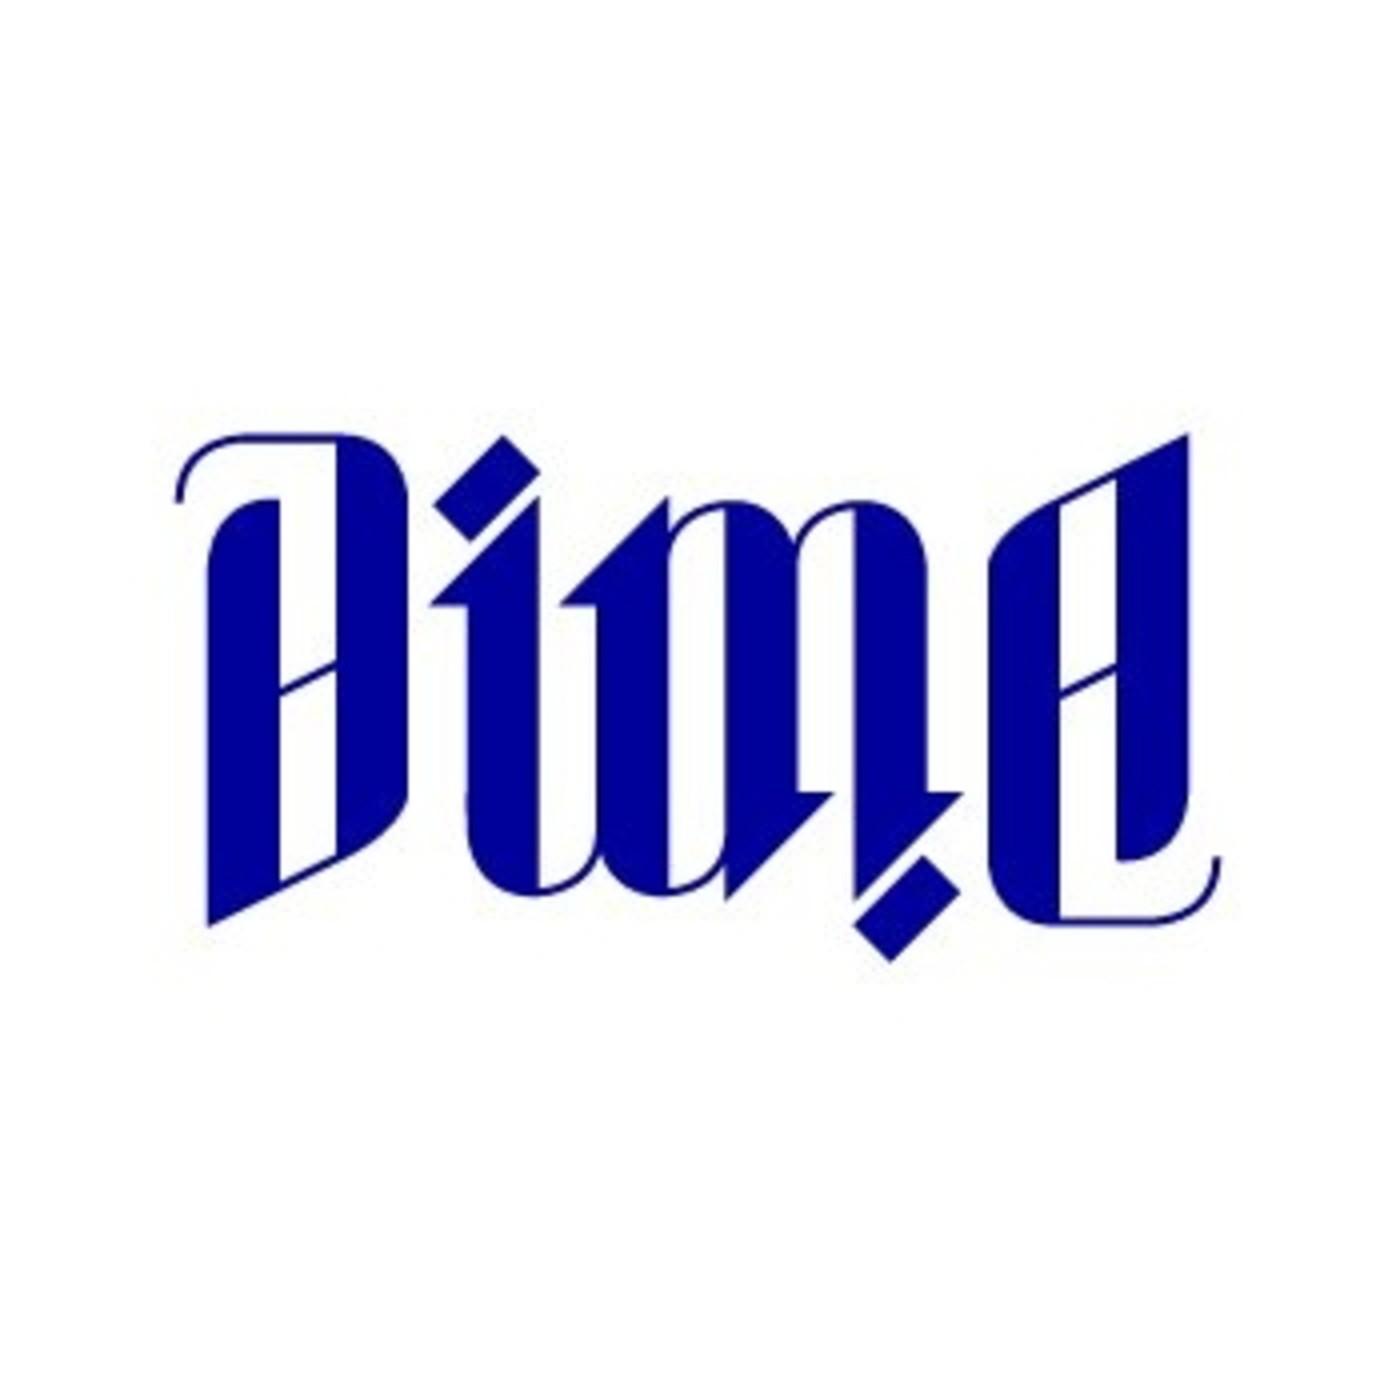 Raíz de 5 - 2x39 - DiMa: La primera comunidad de divulgación matemática.